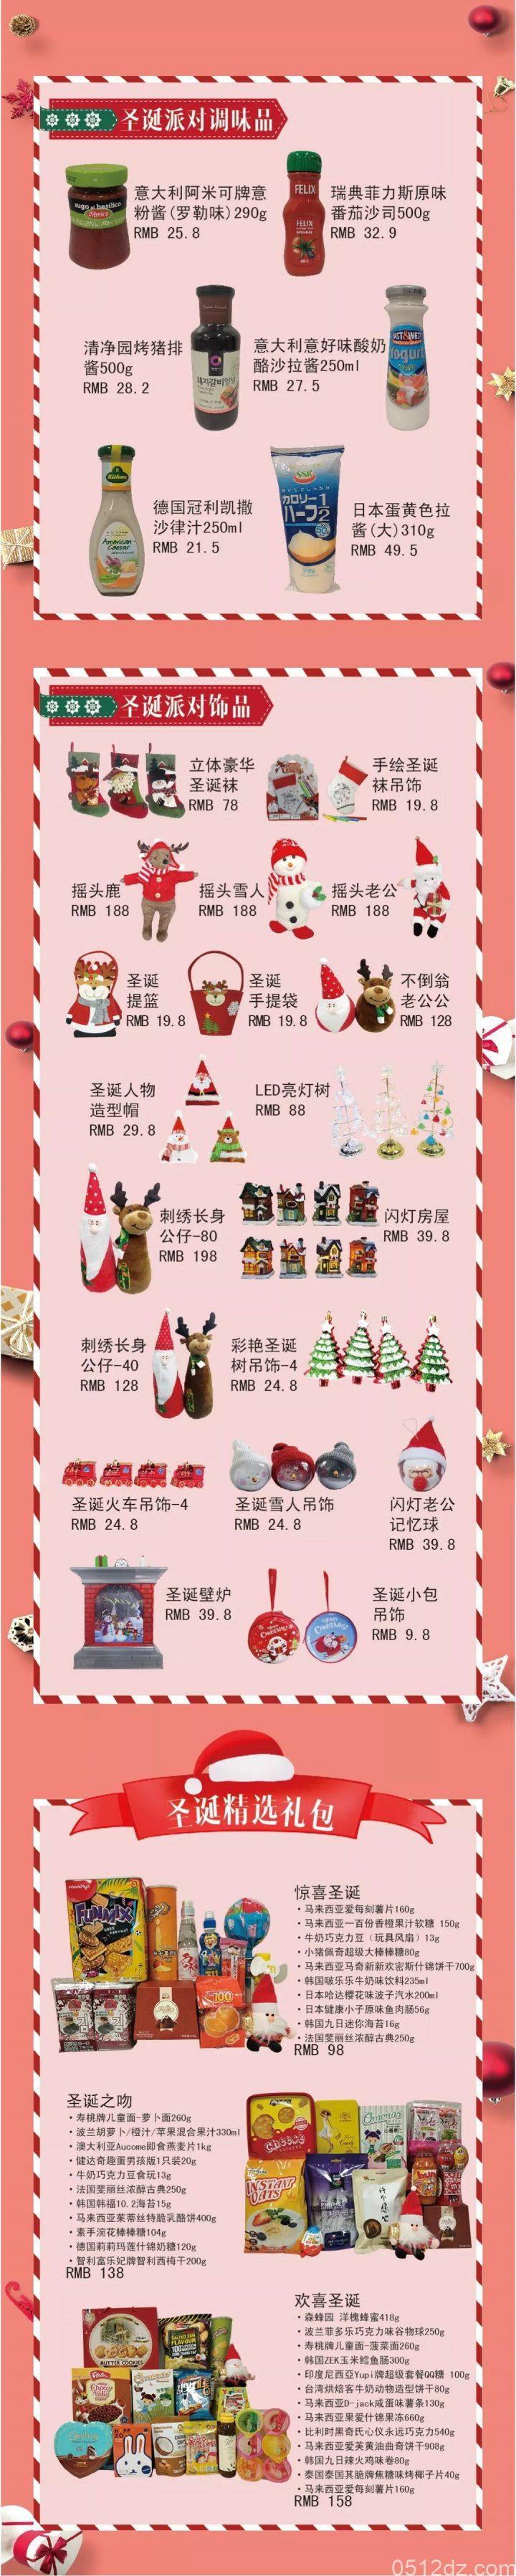 苏州久光百货2019欢乐圣诞美食优惠